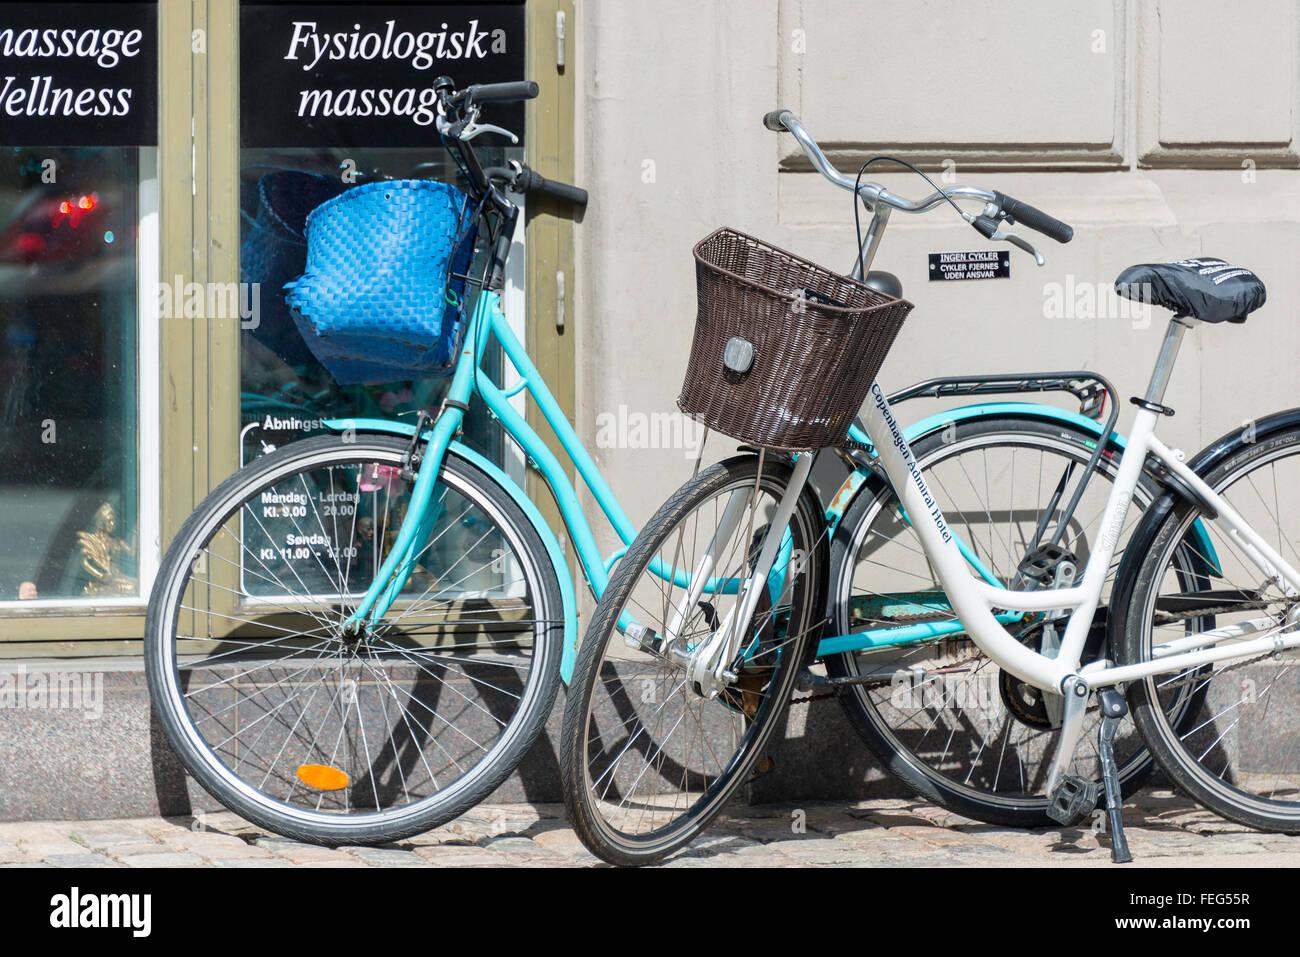 Bicycles parked by wall, Admiralkaj, Toldbodgade, Copenhagen, Hovedstaden Region, Kingdom of Denmark - Stock Image